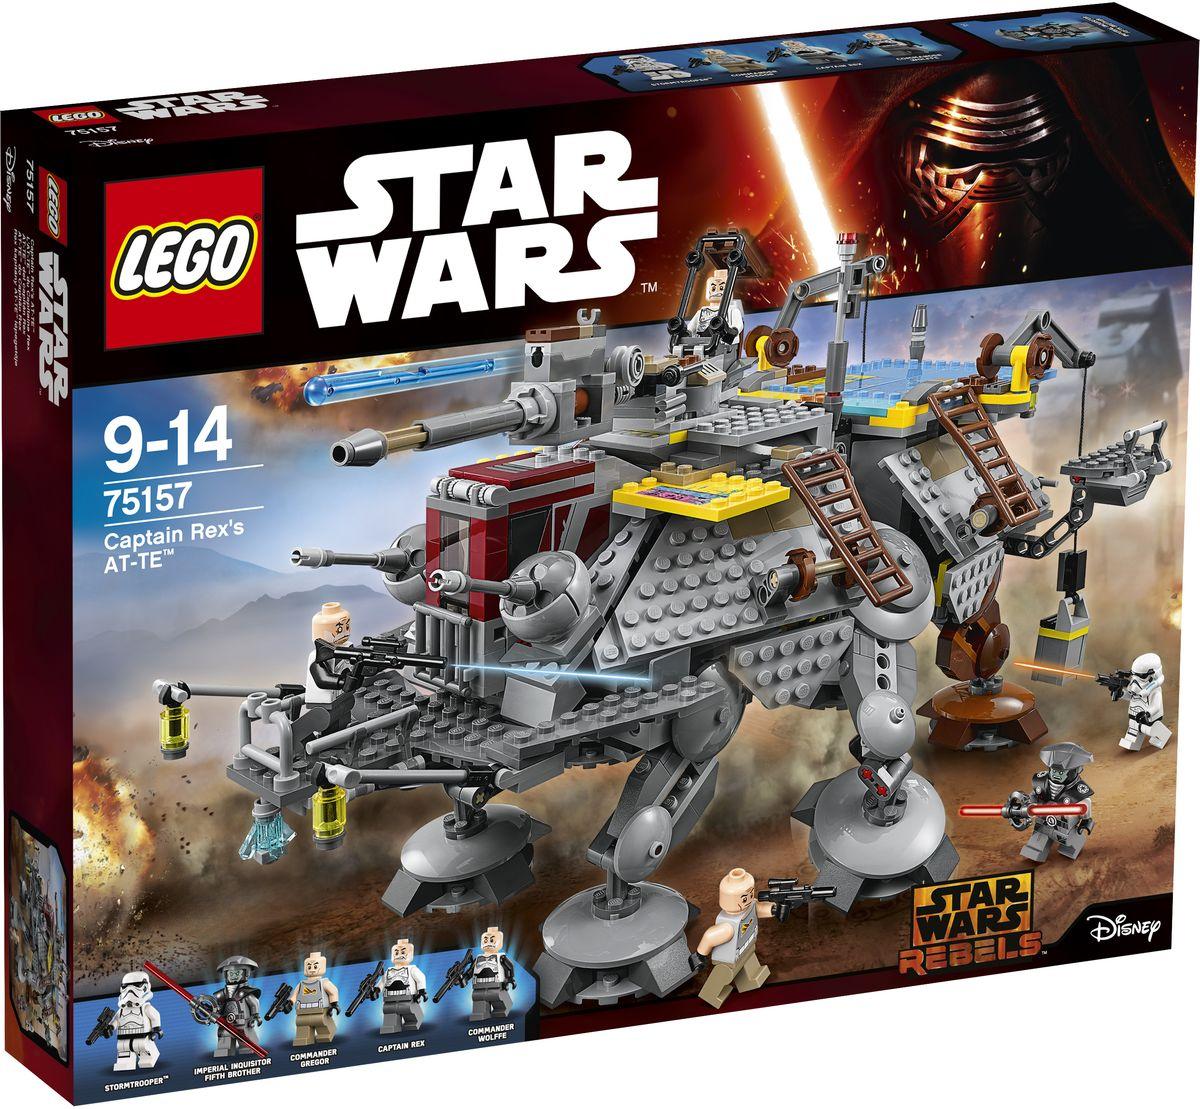 LEGO Star Wars Конструктор Шагающий штурмовой вездеход AT-TE капитана Рекса 7515775157Императорский Инквизитор Пятый брат и его сообщник Штурмовик пытаются попасть на борт модифицированного AT-TE капитана Рекса и взять машину под контроль! Этот старый АТ-ТЕ не слишком интересен снаружи, но на нем установлены краны и лестницы, а сверху смонтировано орудие. Помогите Рексу и его друзьям-клонам, командиру Грегору, командиру Вольфу, удержать их имперских врагов на расстоянии так долго, как это возможно. Конструктор LEGO Star Wars включает в себя 972 разноцветных пластиковых элемента. Конструктор станет замечательным сюрпризом вашему ребенку, который будет способствовать развитию мелкой моторики рук, внимательности, усидчивости и мышления. Играя с конструктором, ребенок научится собирать детали по образцу, проводить время с пользой и удовольствием.